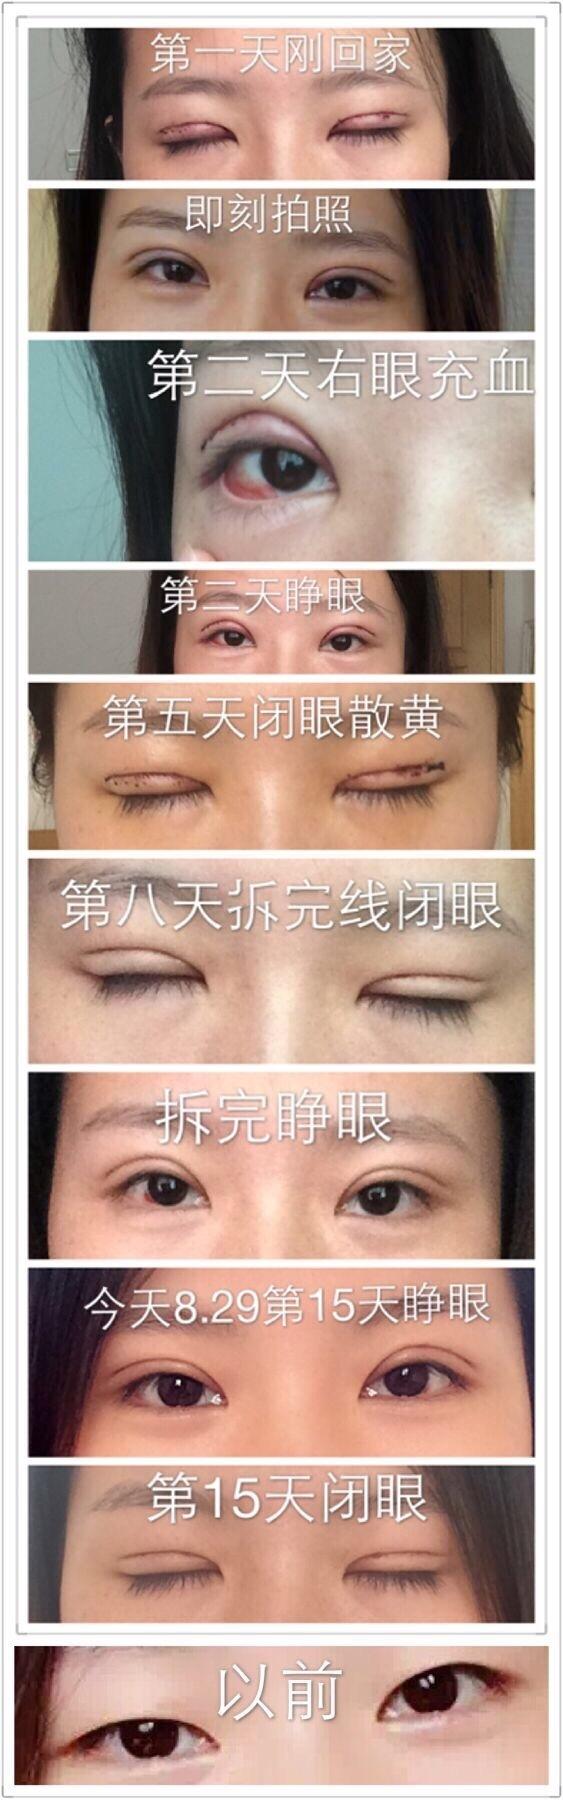 湖州第九八医院李晨医生做的全切双眼皮案例 我很满意了